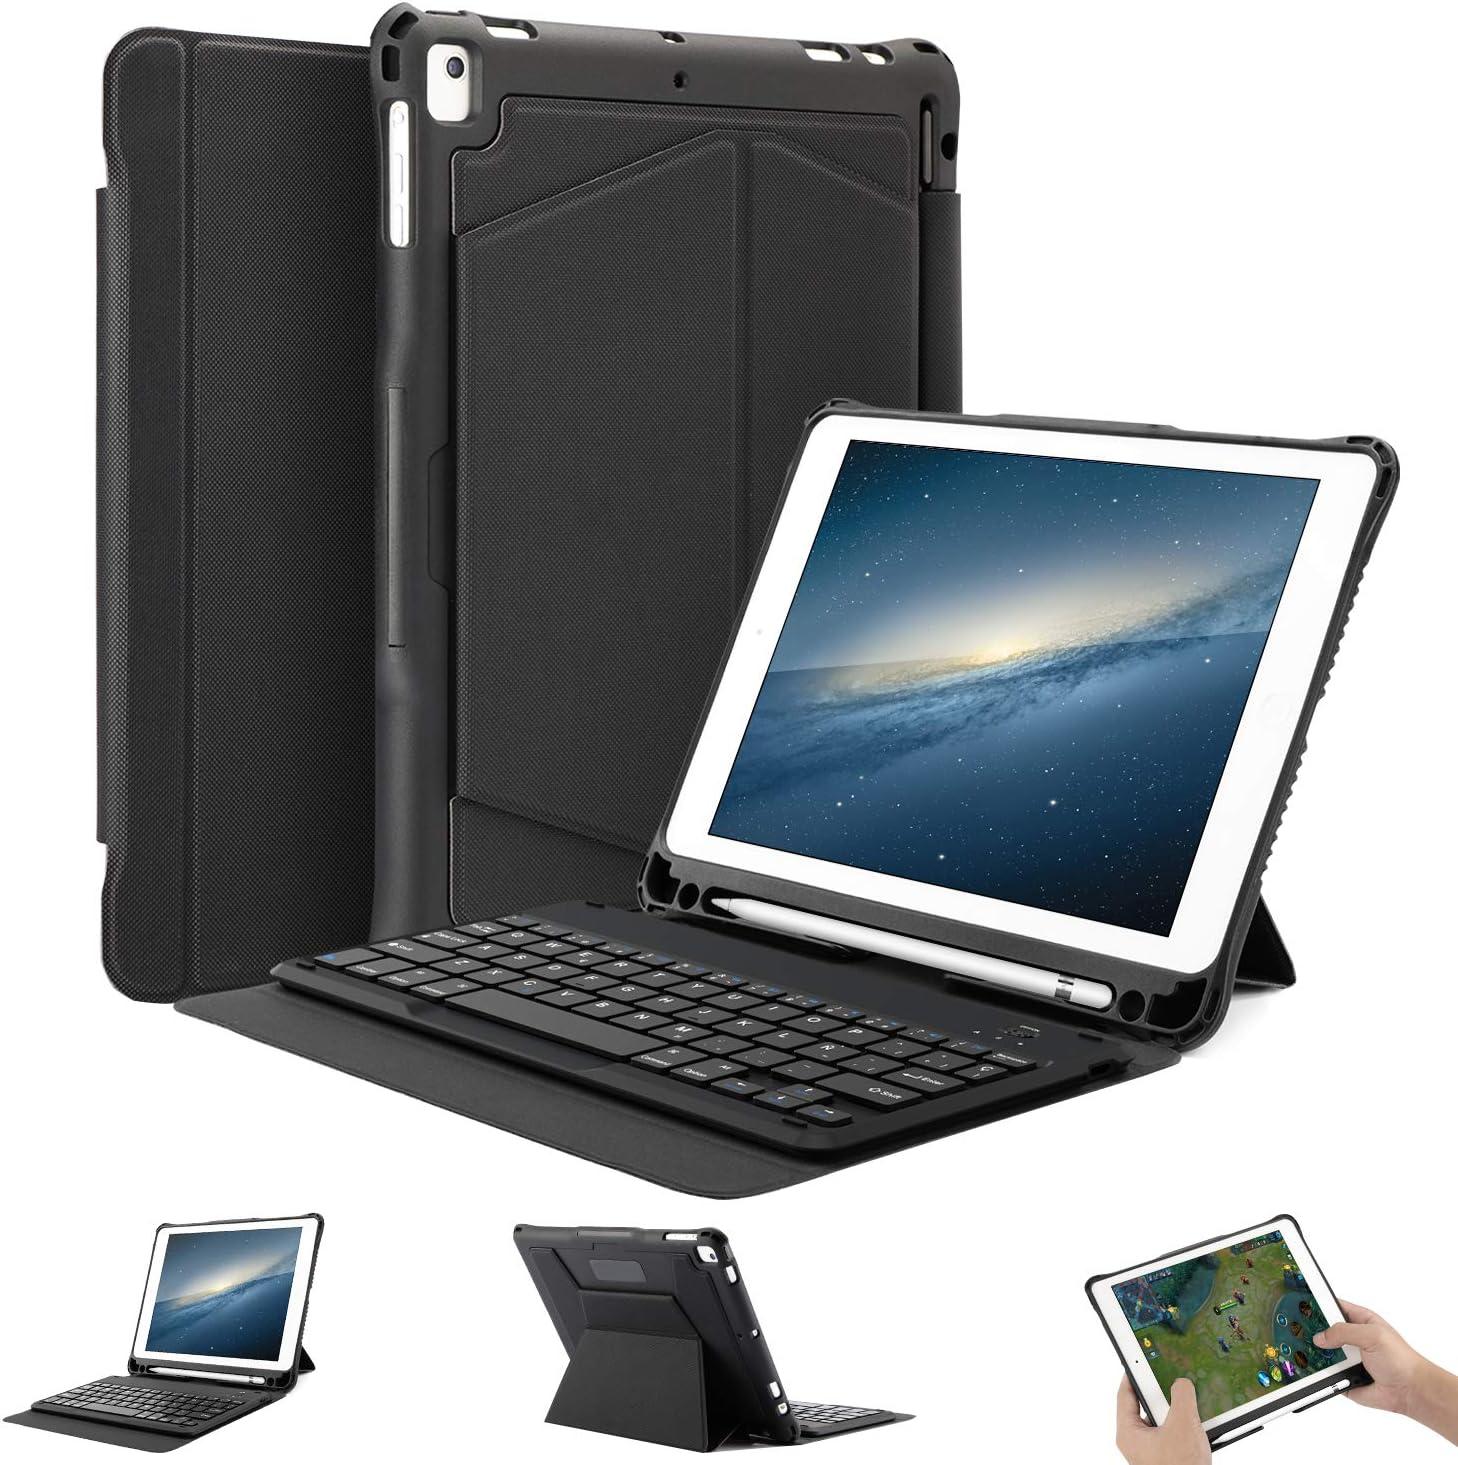 OMOTON Funda con Teclado para iPad 9.7 2018/iPad 9.7 2017(6Gen), Funda iPad con Teclado para iPad pro9.7/iPad Air 9.7, Funda con Teclado español de Bluetooth con Ranura Incorporado de lápiz, Negro.